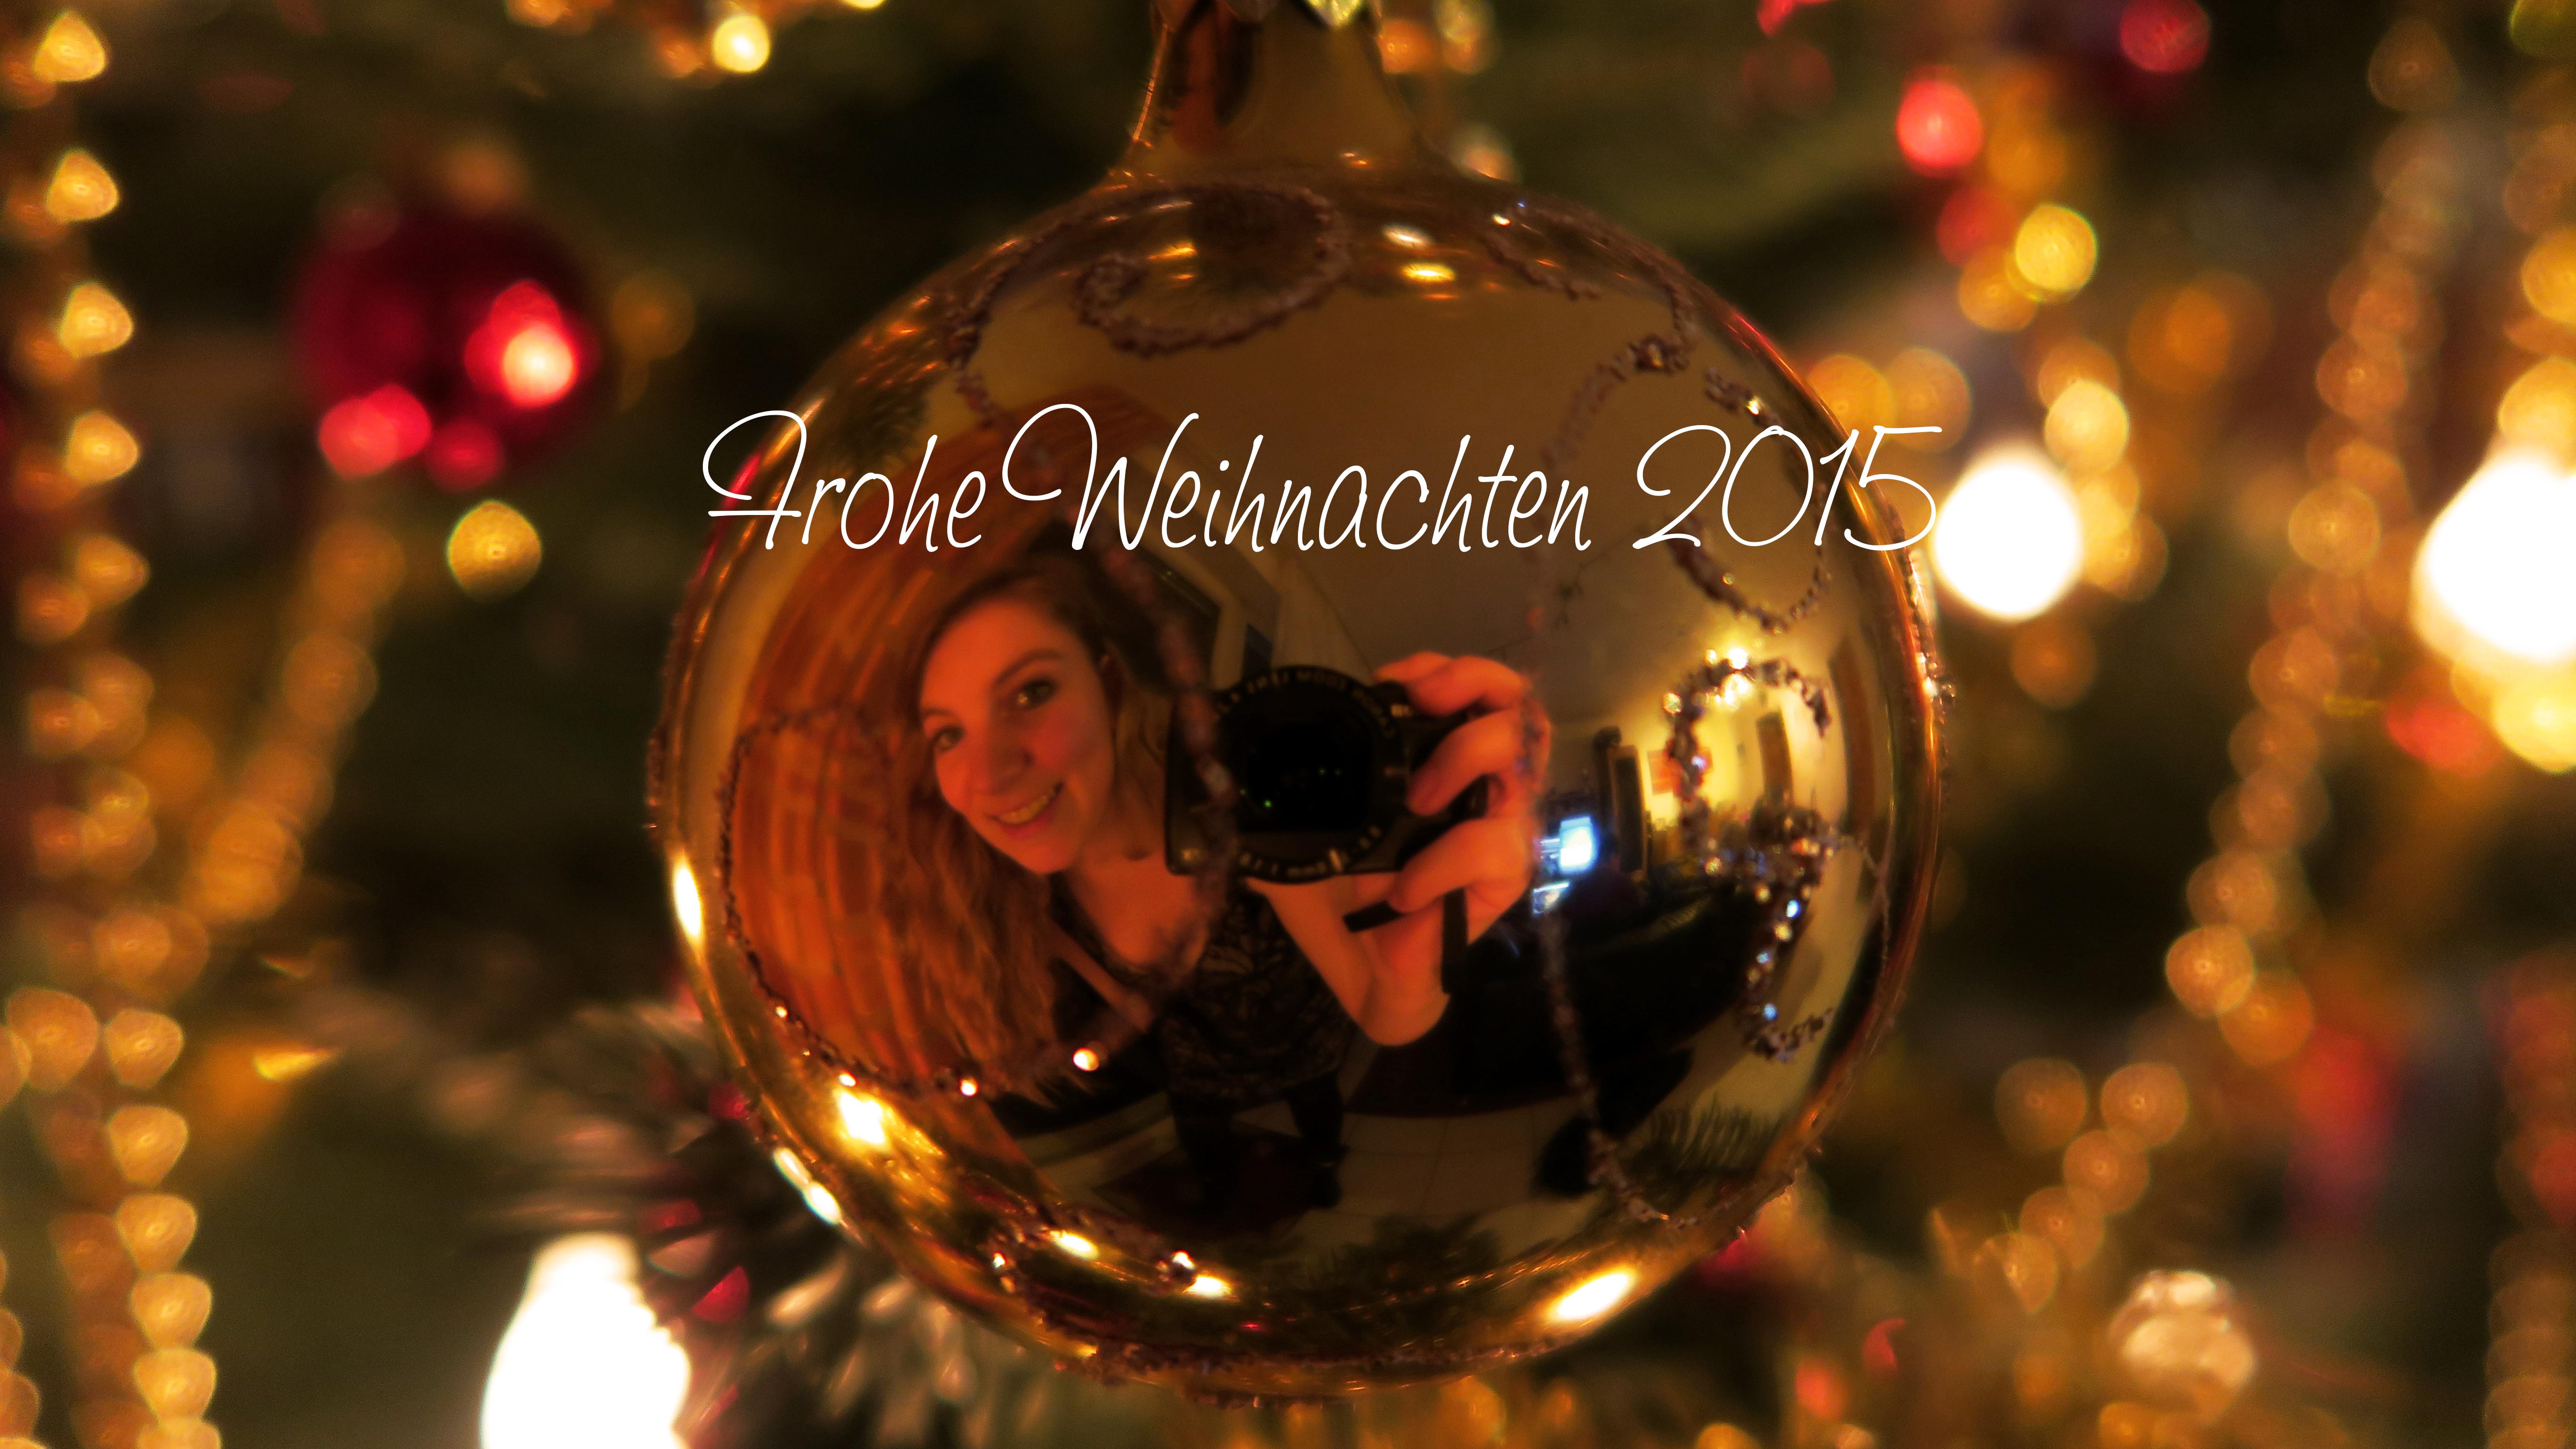 Frohe Weihnachten 2015 Image